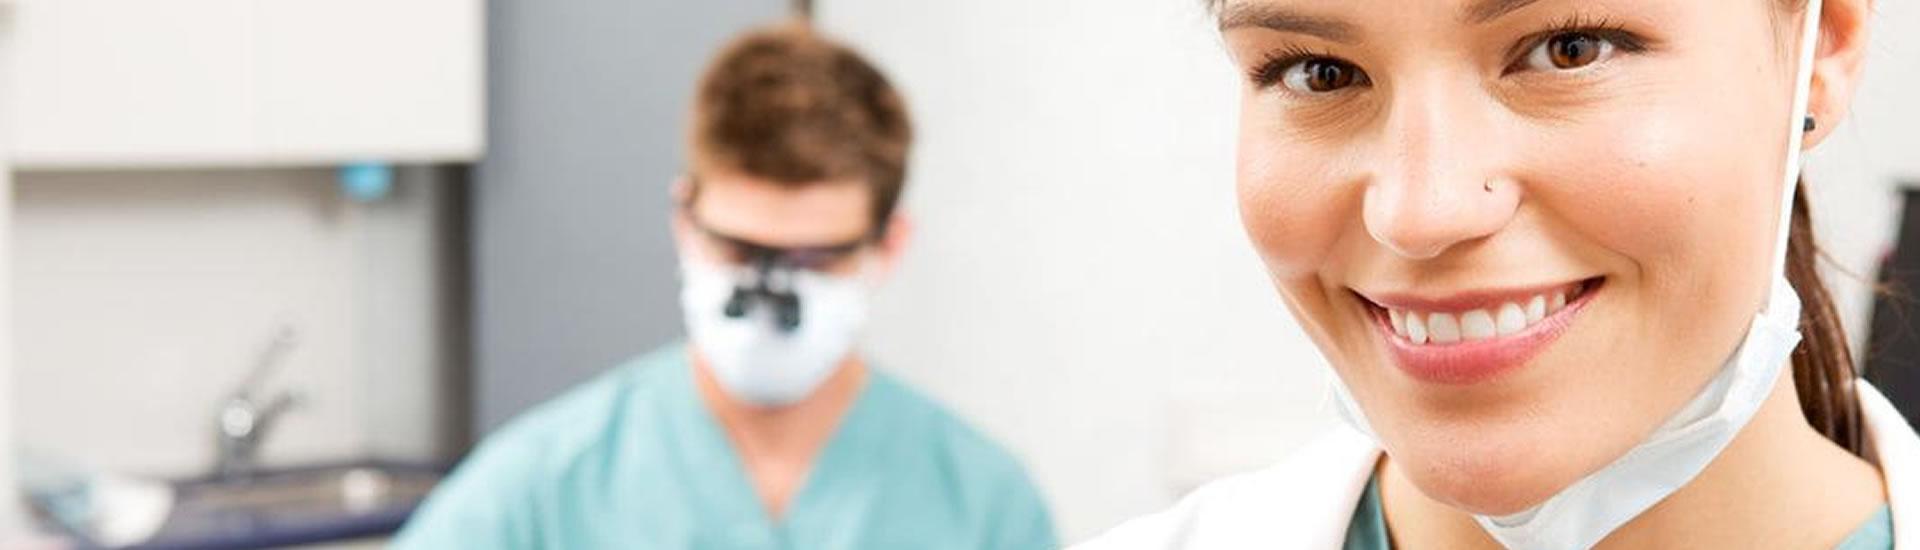 Planos de Saúde para Dentistas APCD Promoção